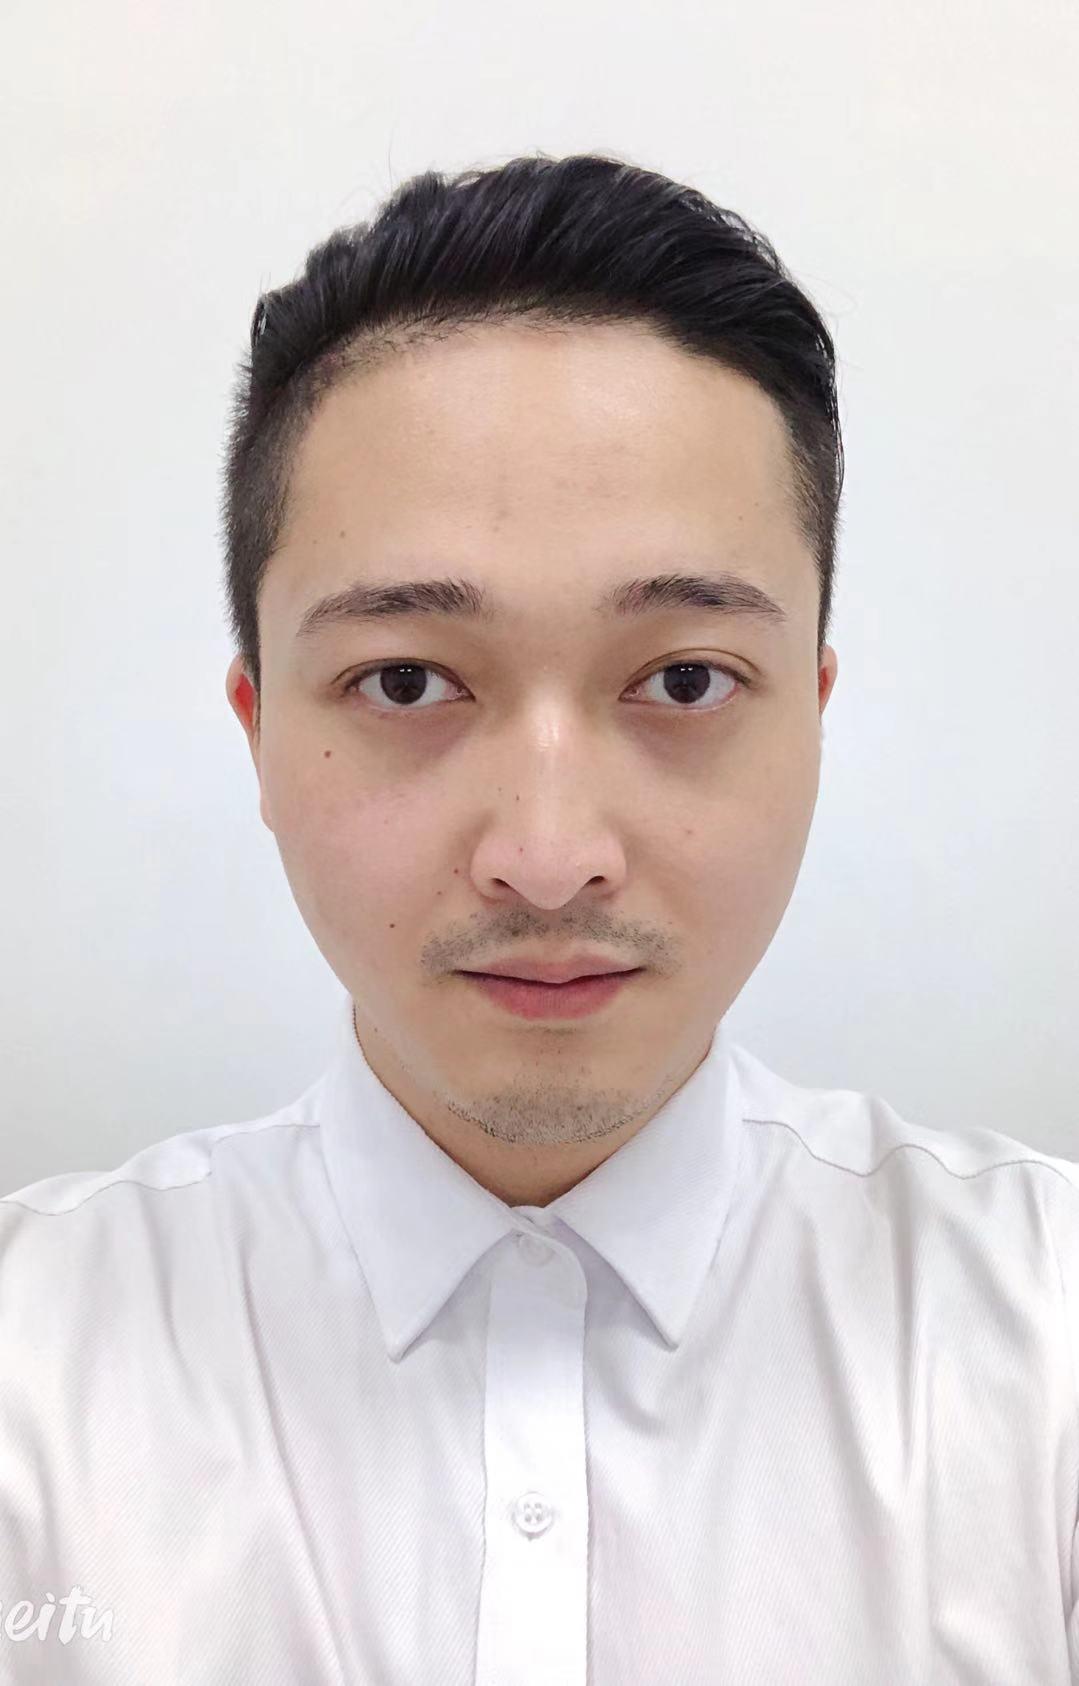 王玮185 1250 2356